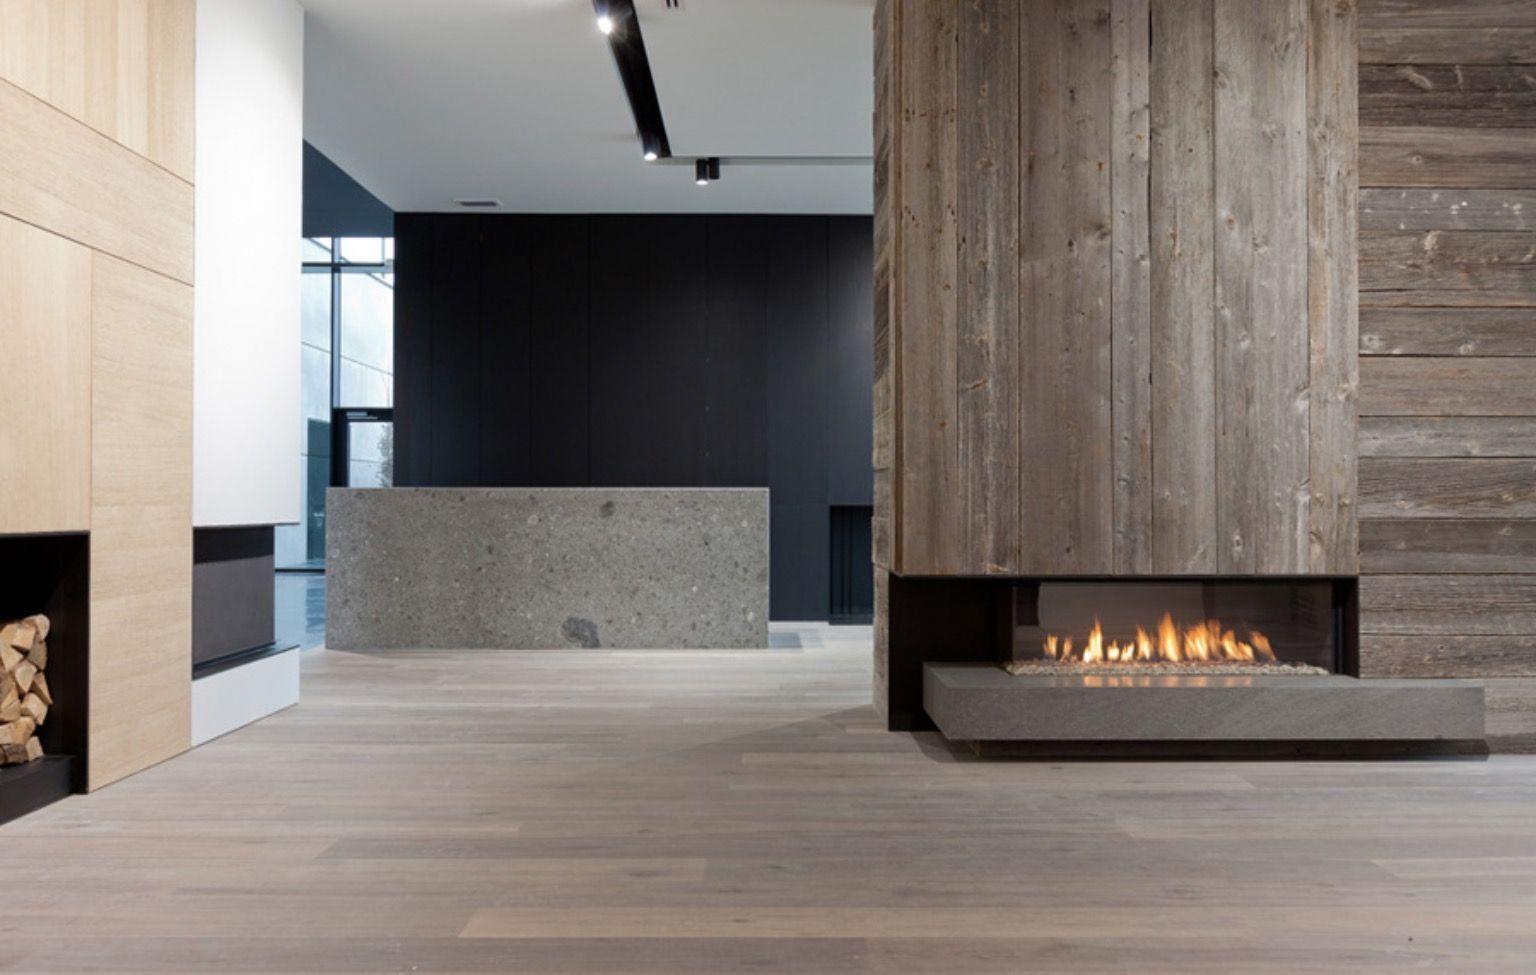 Pin By Lori Owen On Fireplace Chimney Modern Fireplace